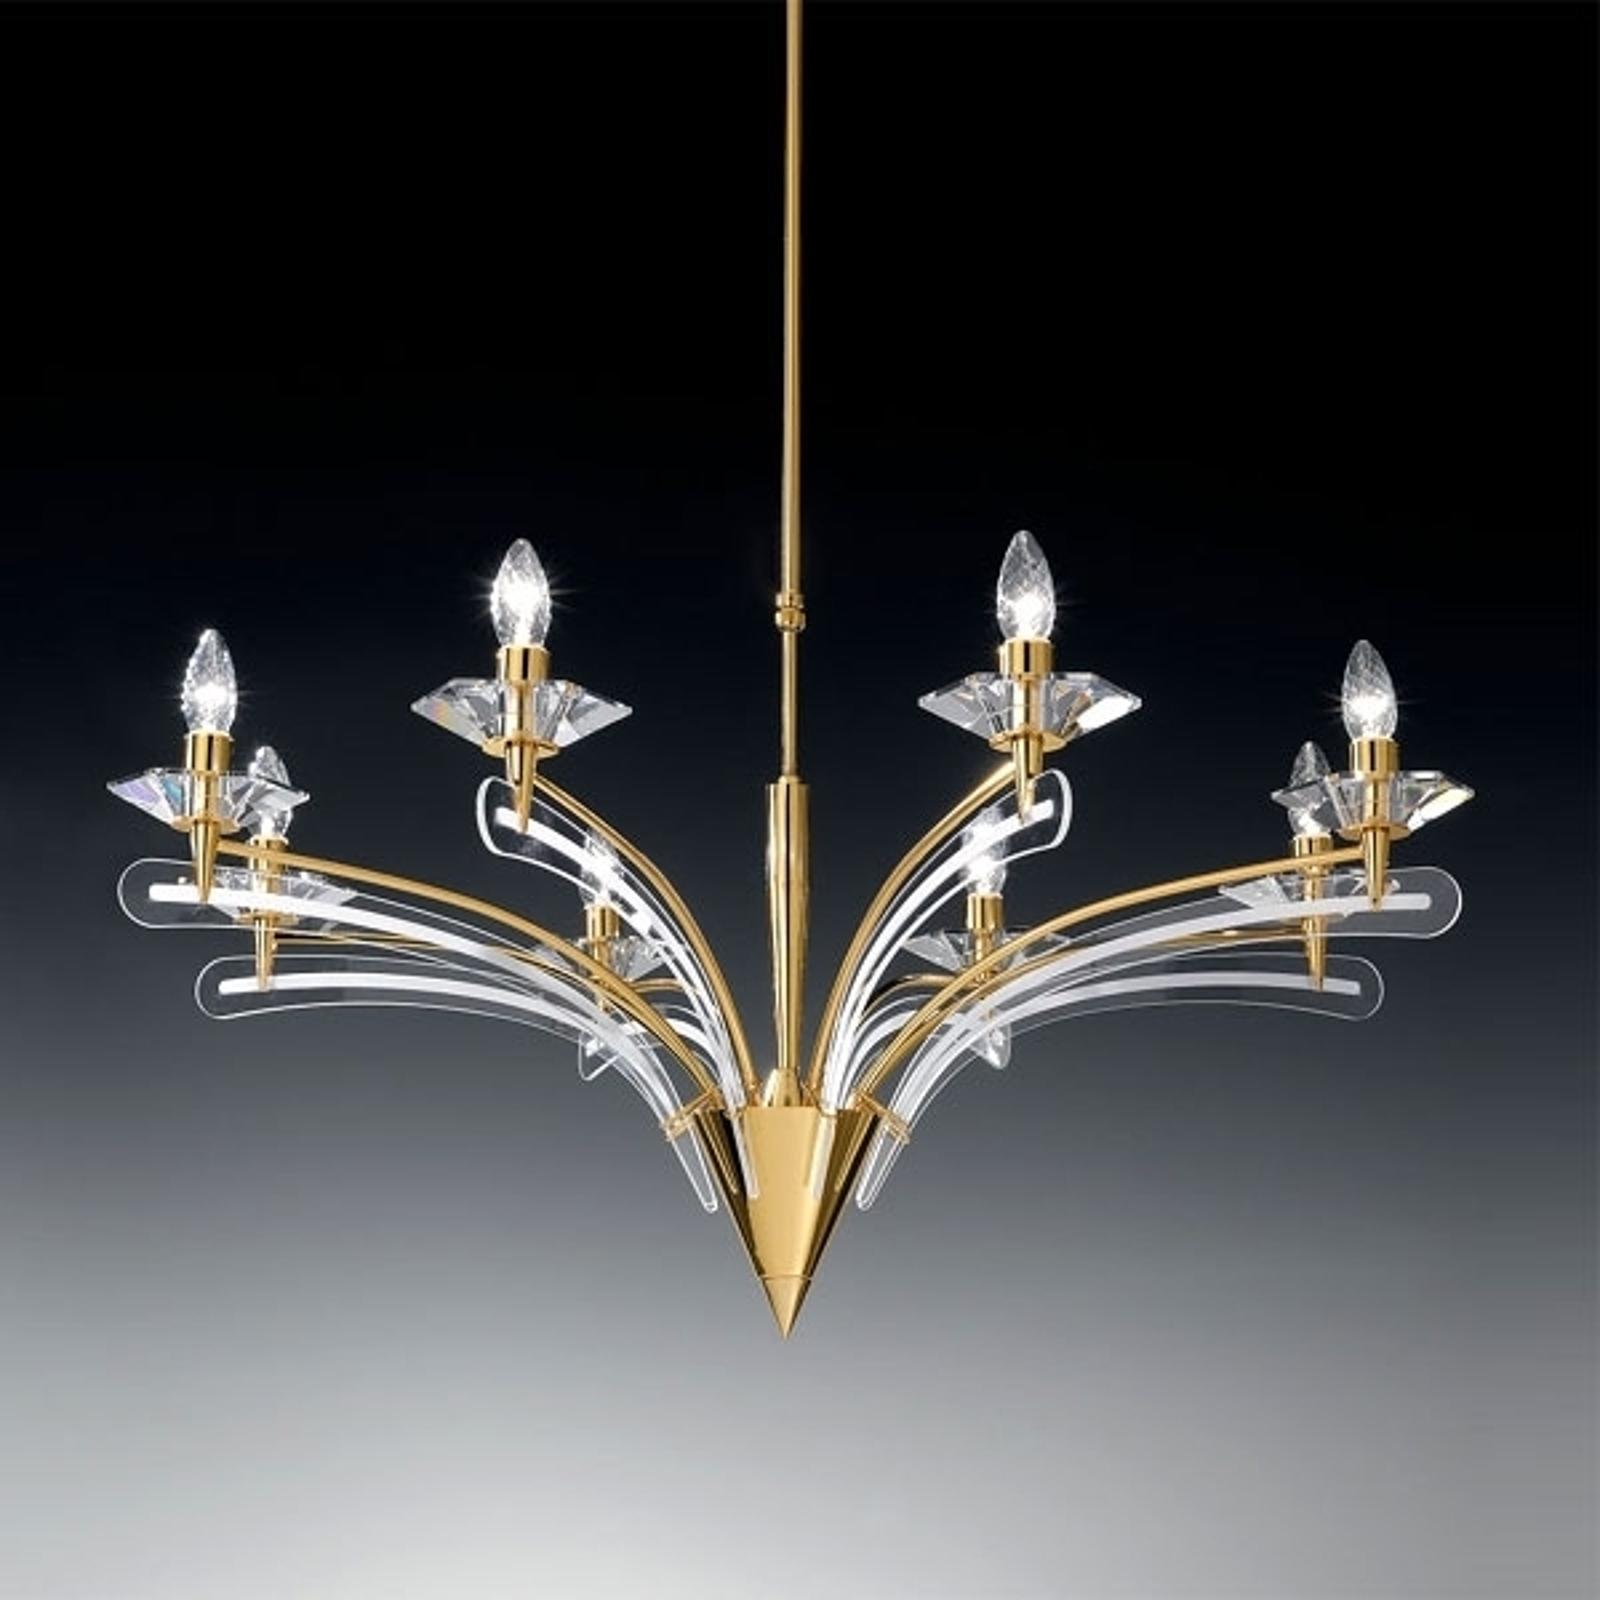 Kronleuchter ICARO mit Kristallglas 8-fl., gold